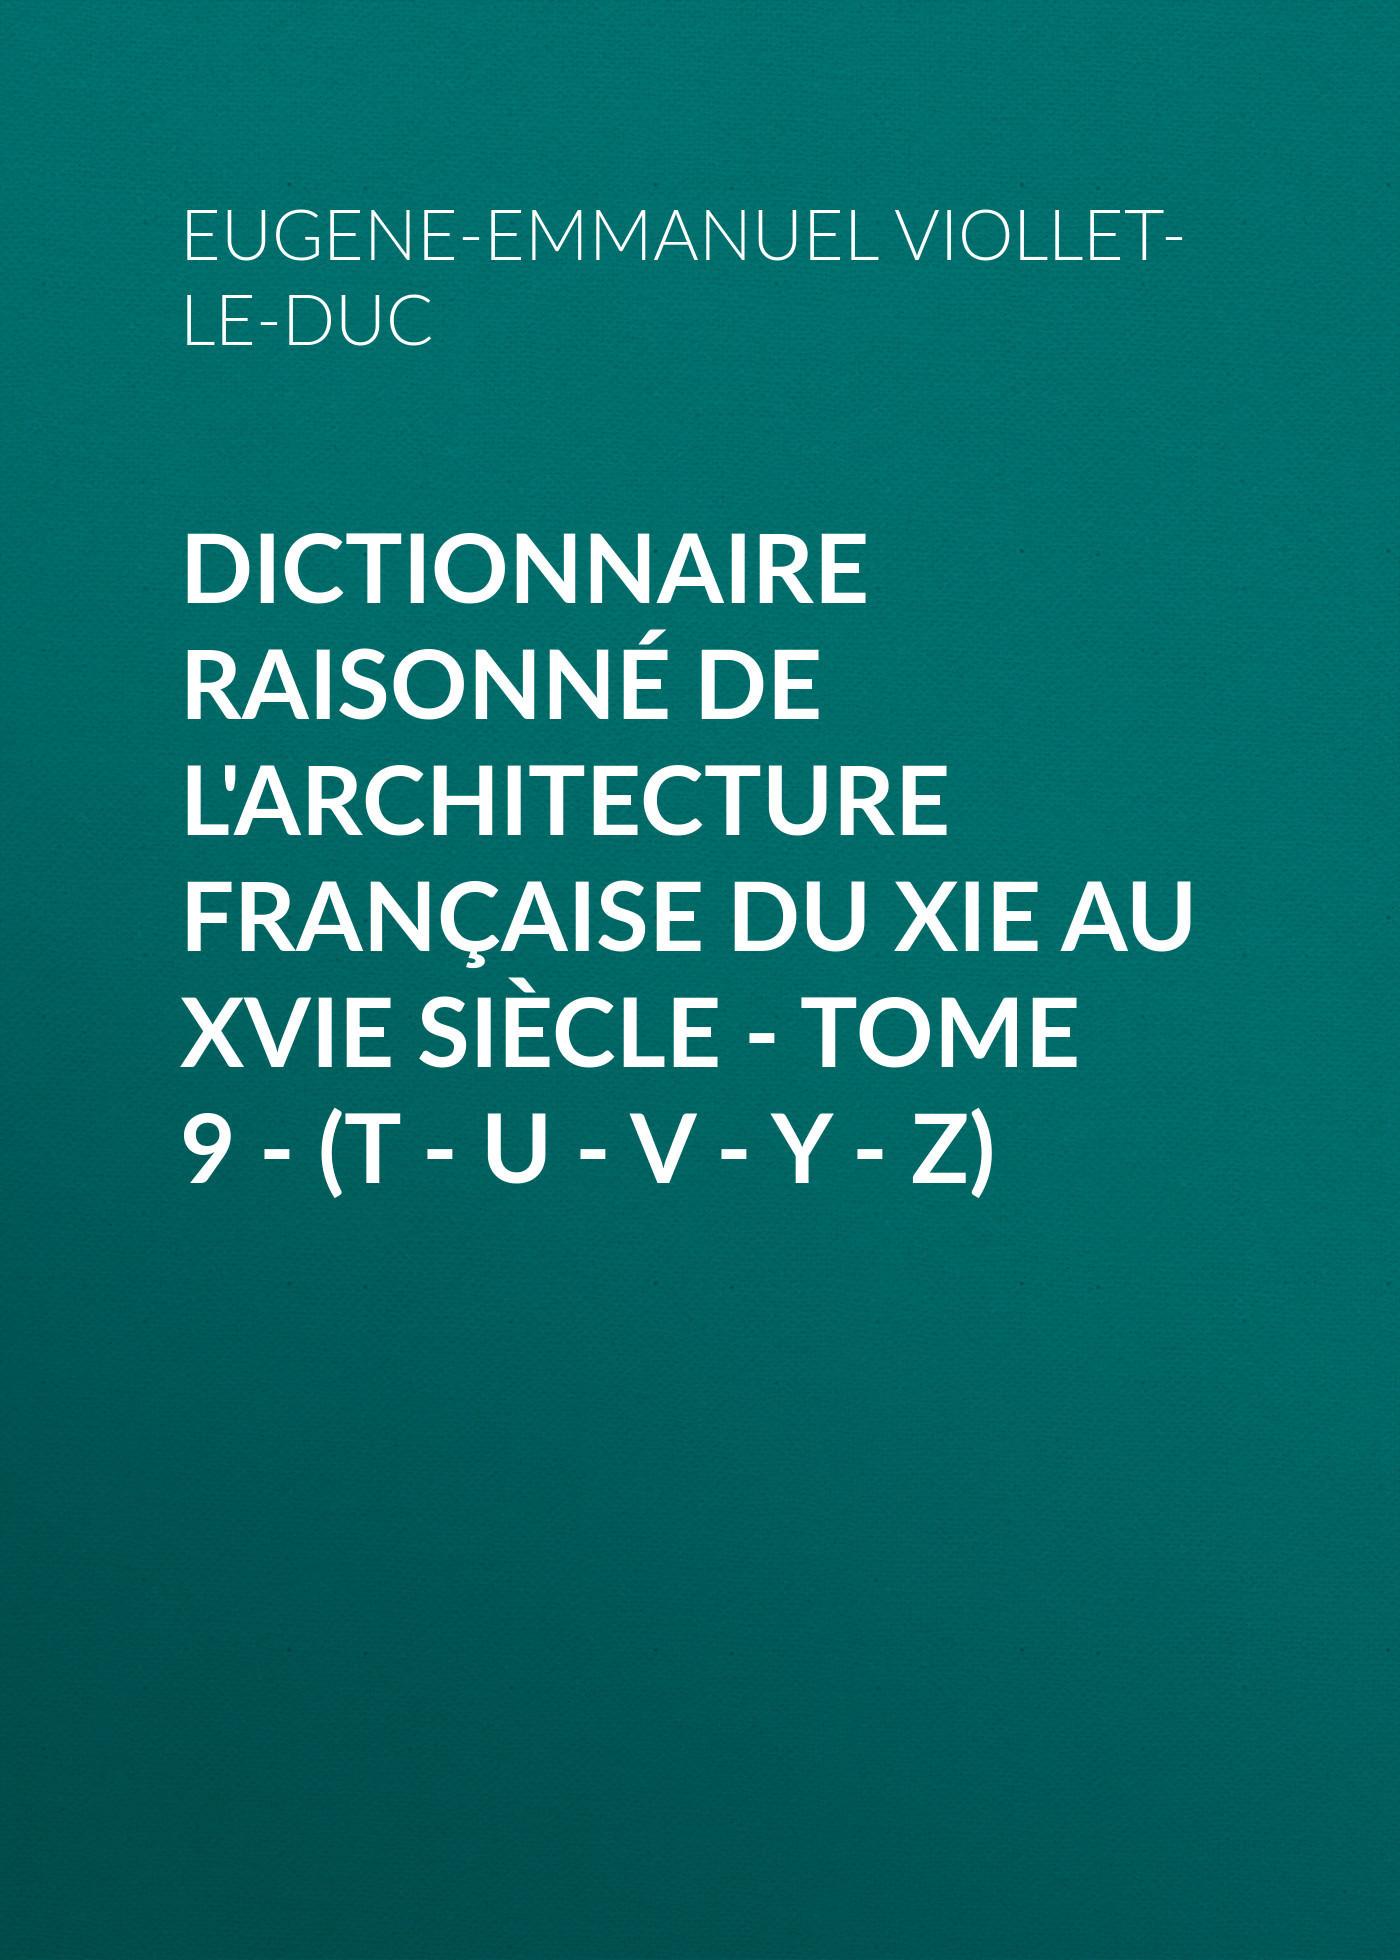 Eugene-Emmanuel Viollet-le-Duc Dictionnaire raisonné de l'architecture française du XIe au XVIe siècle - Tome 9 - (T - U - V - Y - Z) трусы chan z y c511313